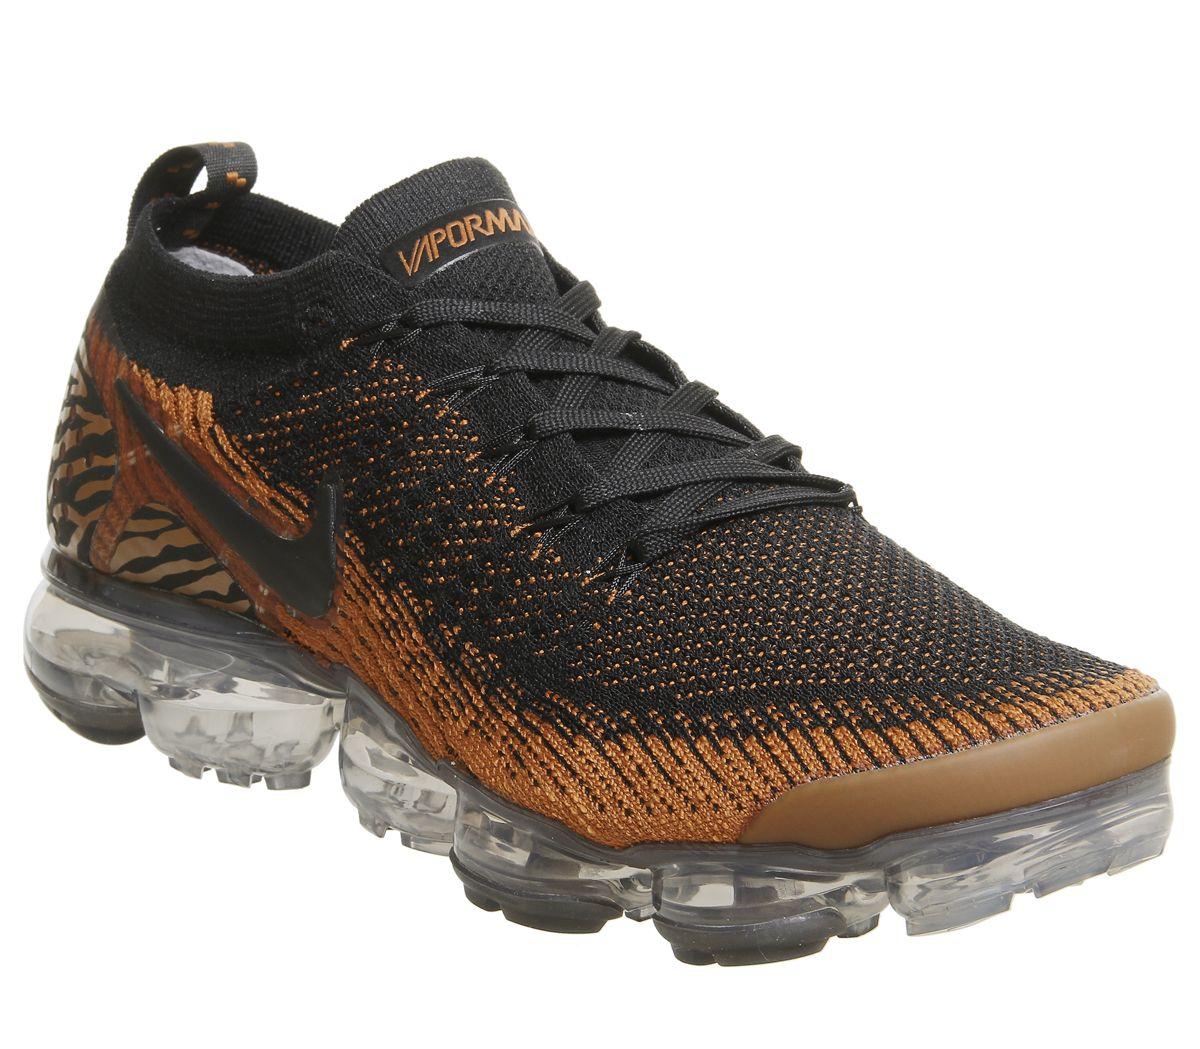 81637fc9ff7 Nike Vapormax Air Vapormax Flyknit 2 Trainers Safari Tiger Club Gold ...